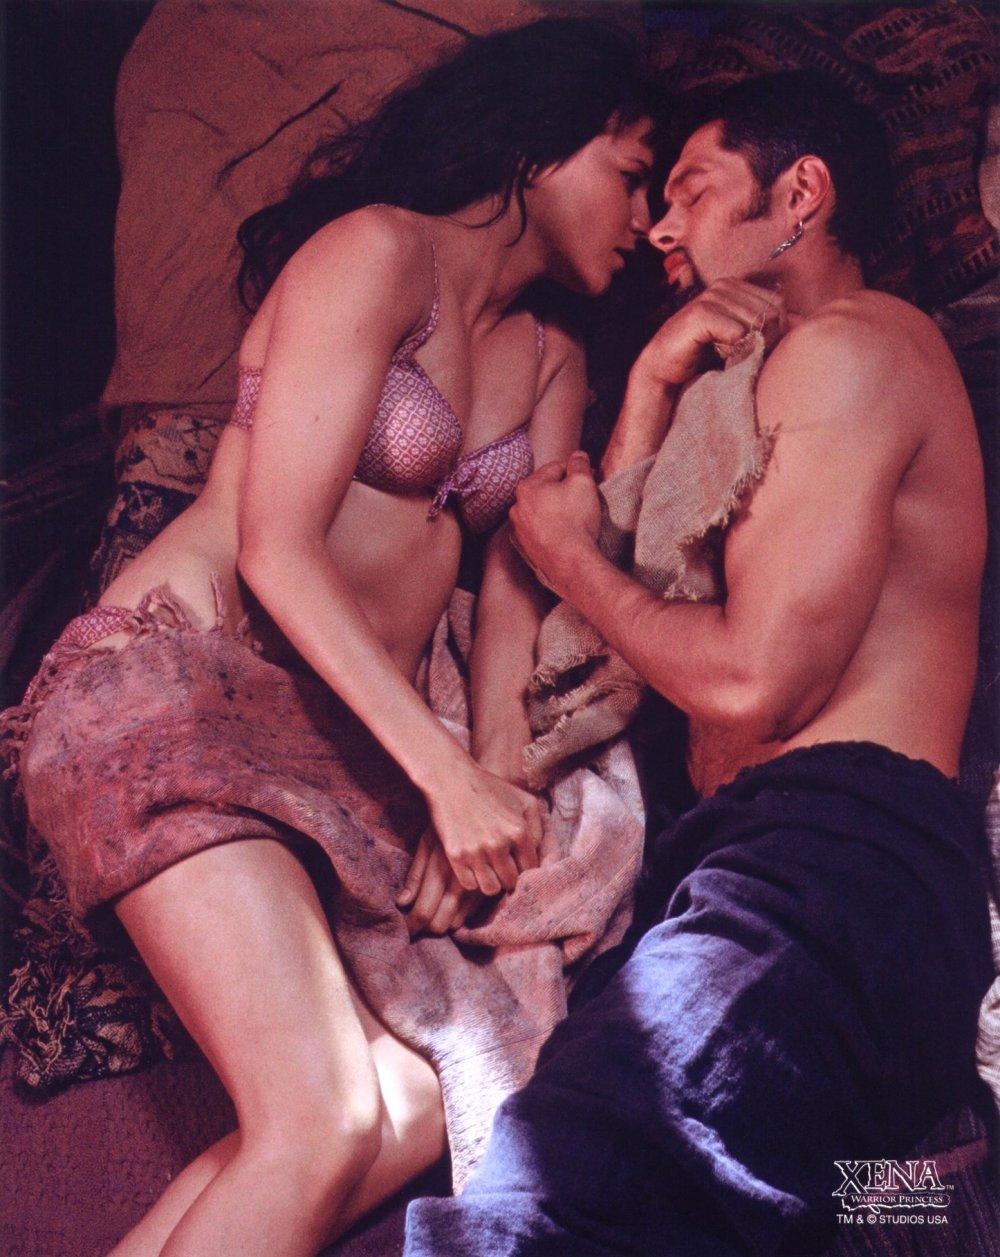 Xena nude photos xxx sex movies